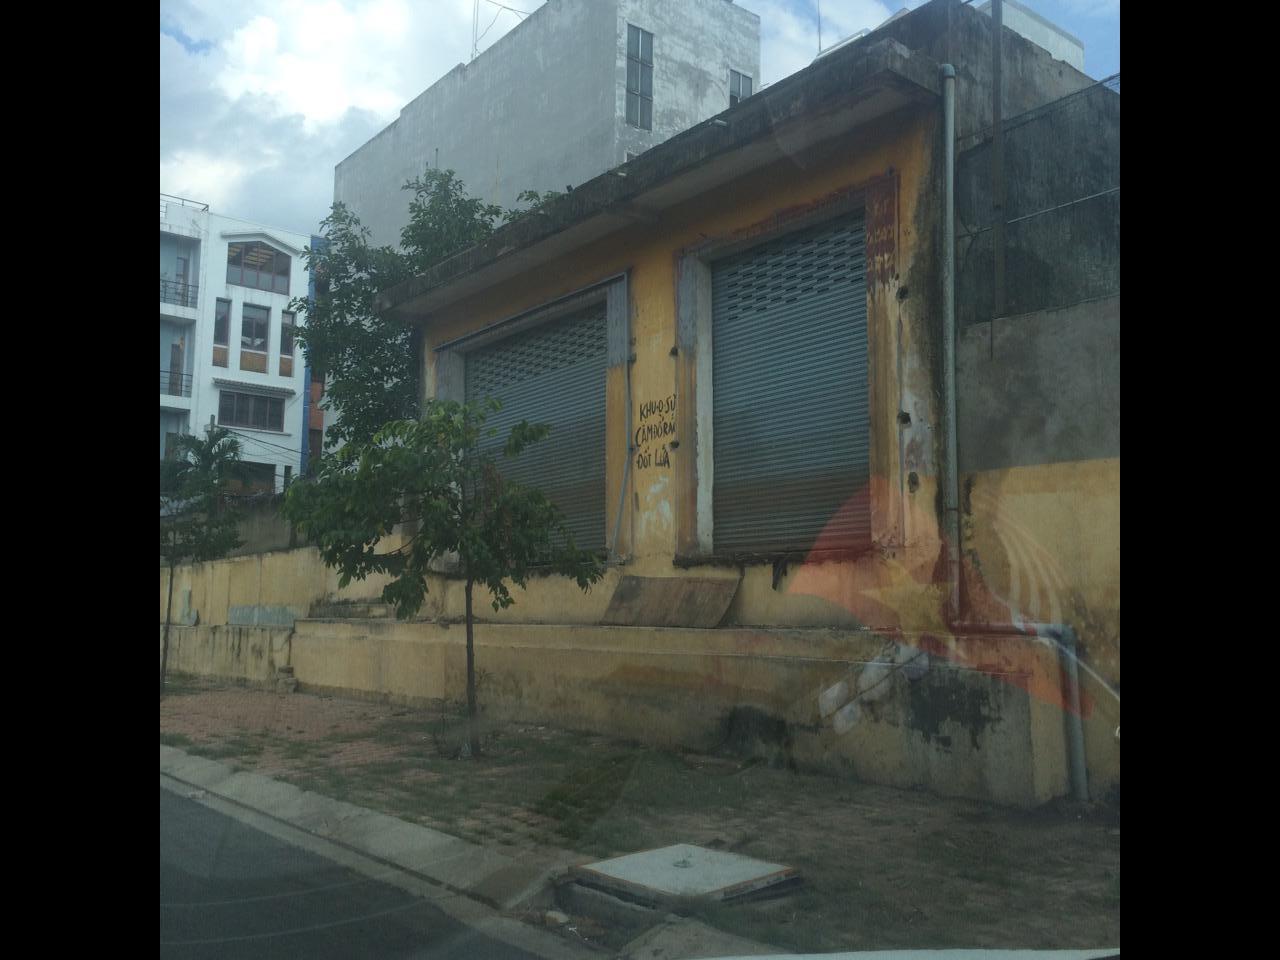 Cho thuê kho quận Gò Vấp mặt tiền đường Phan Văn Trị